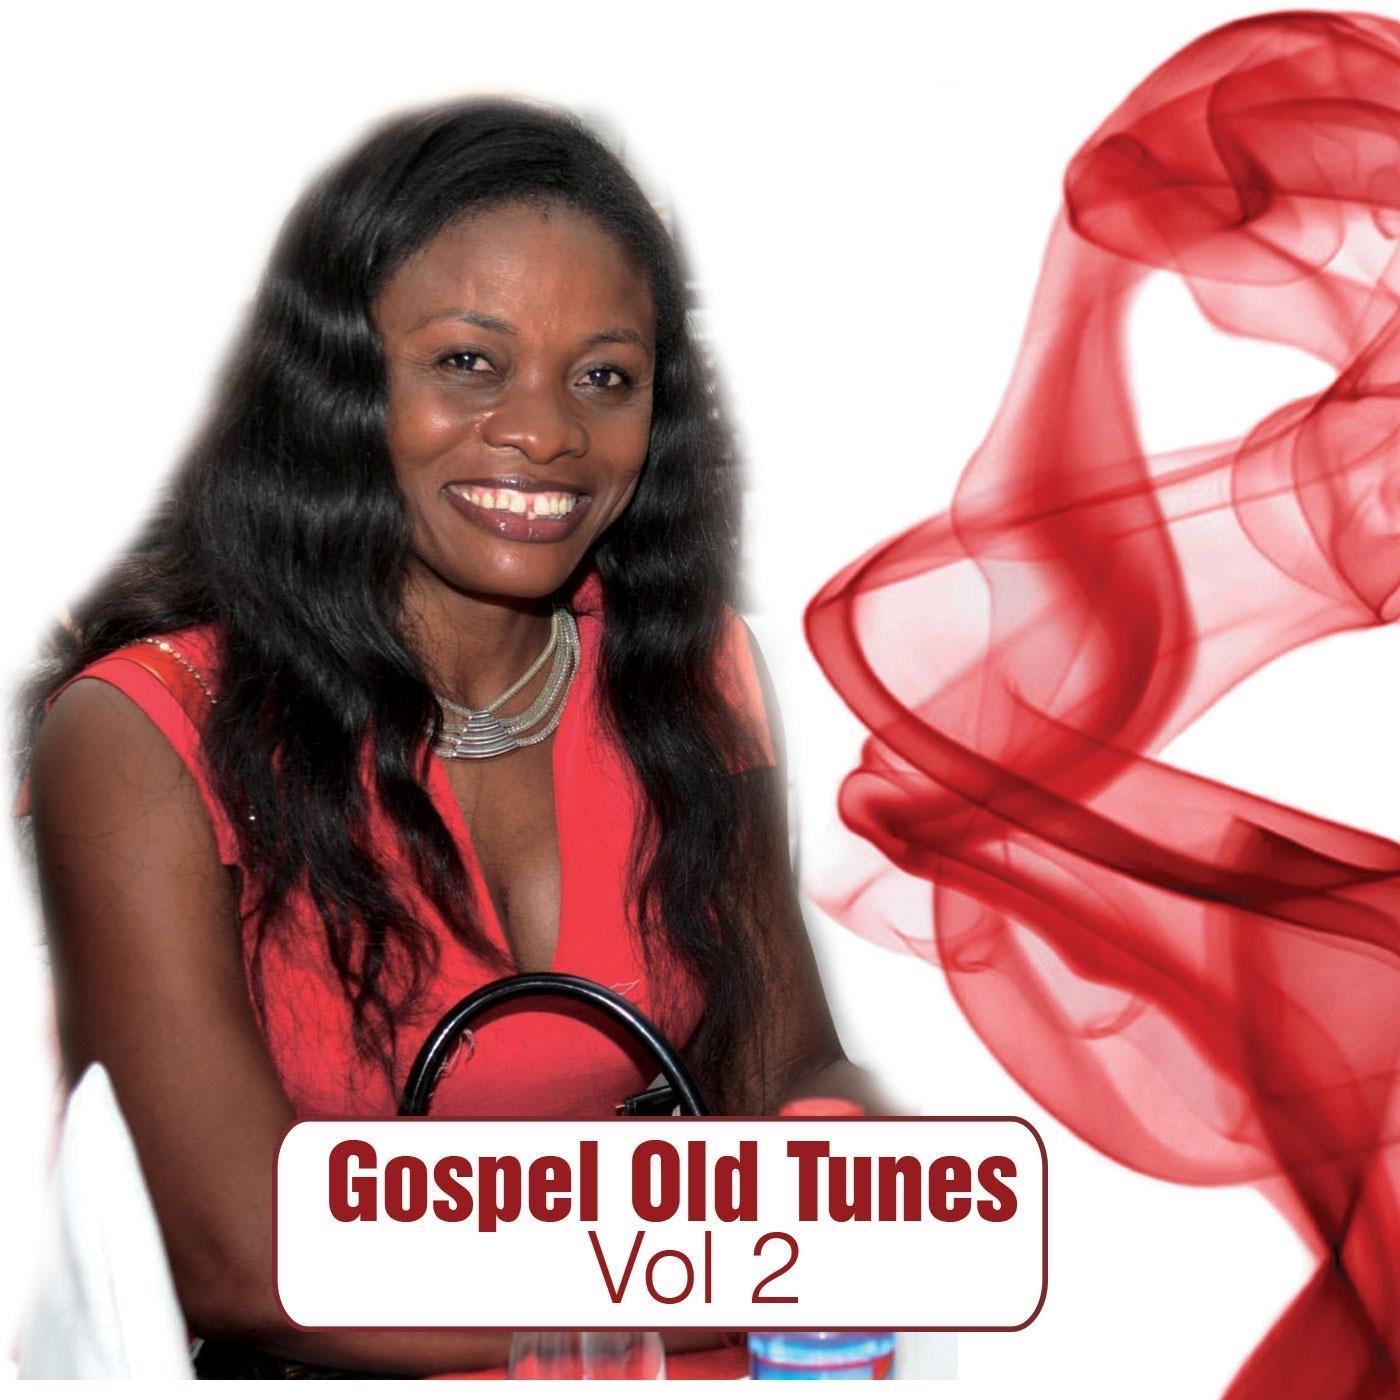 Gospel Old Tunes, Vol. 2